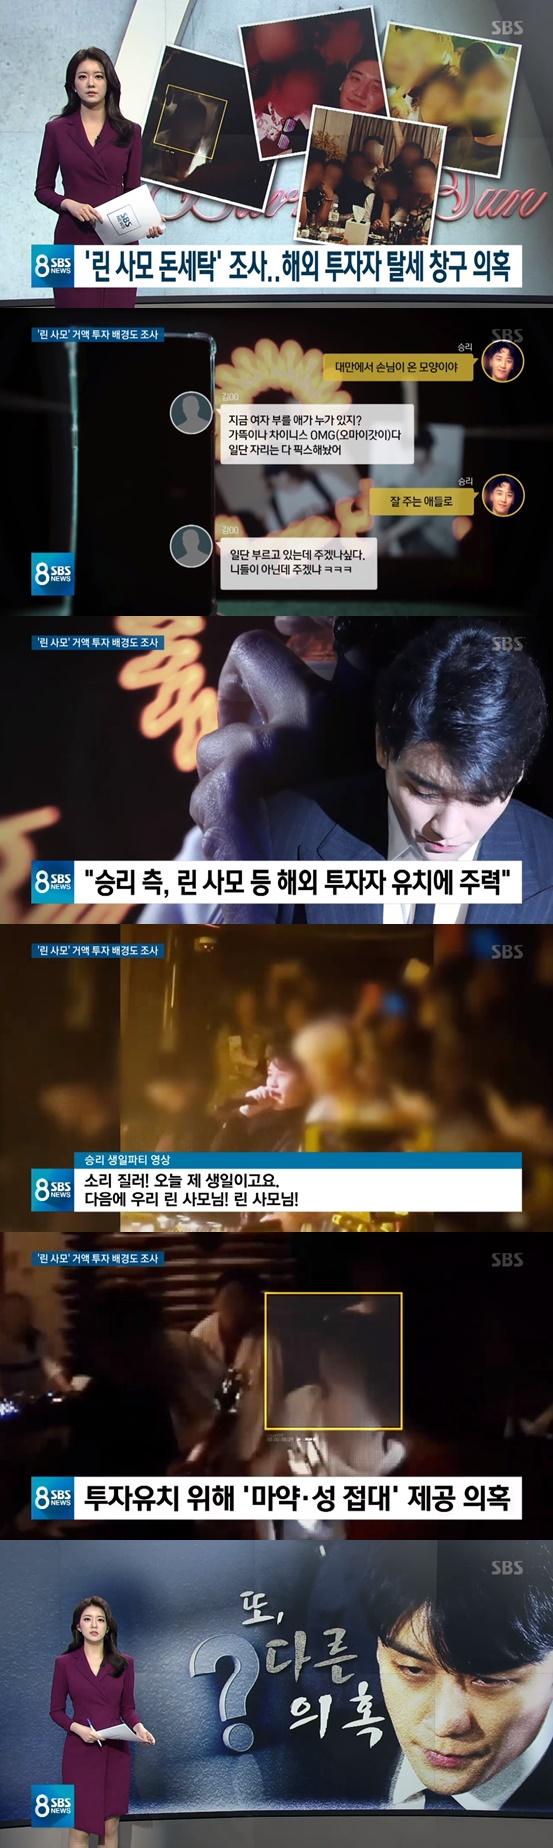 /사진=SBS '8뉴스' 화면 캡처